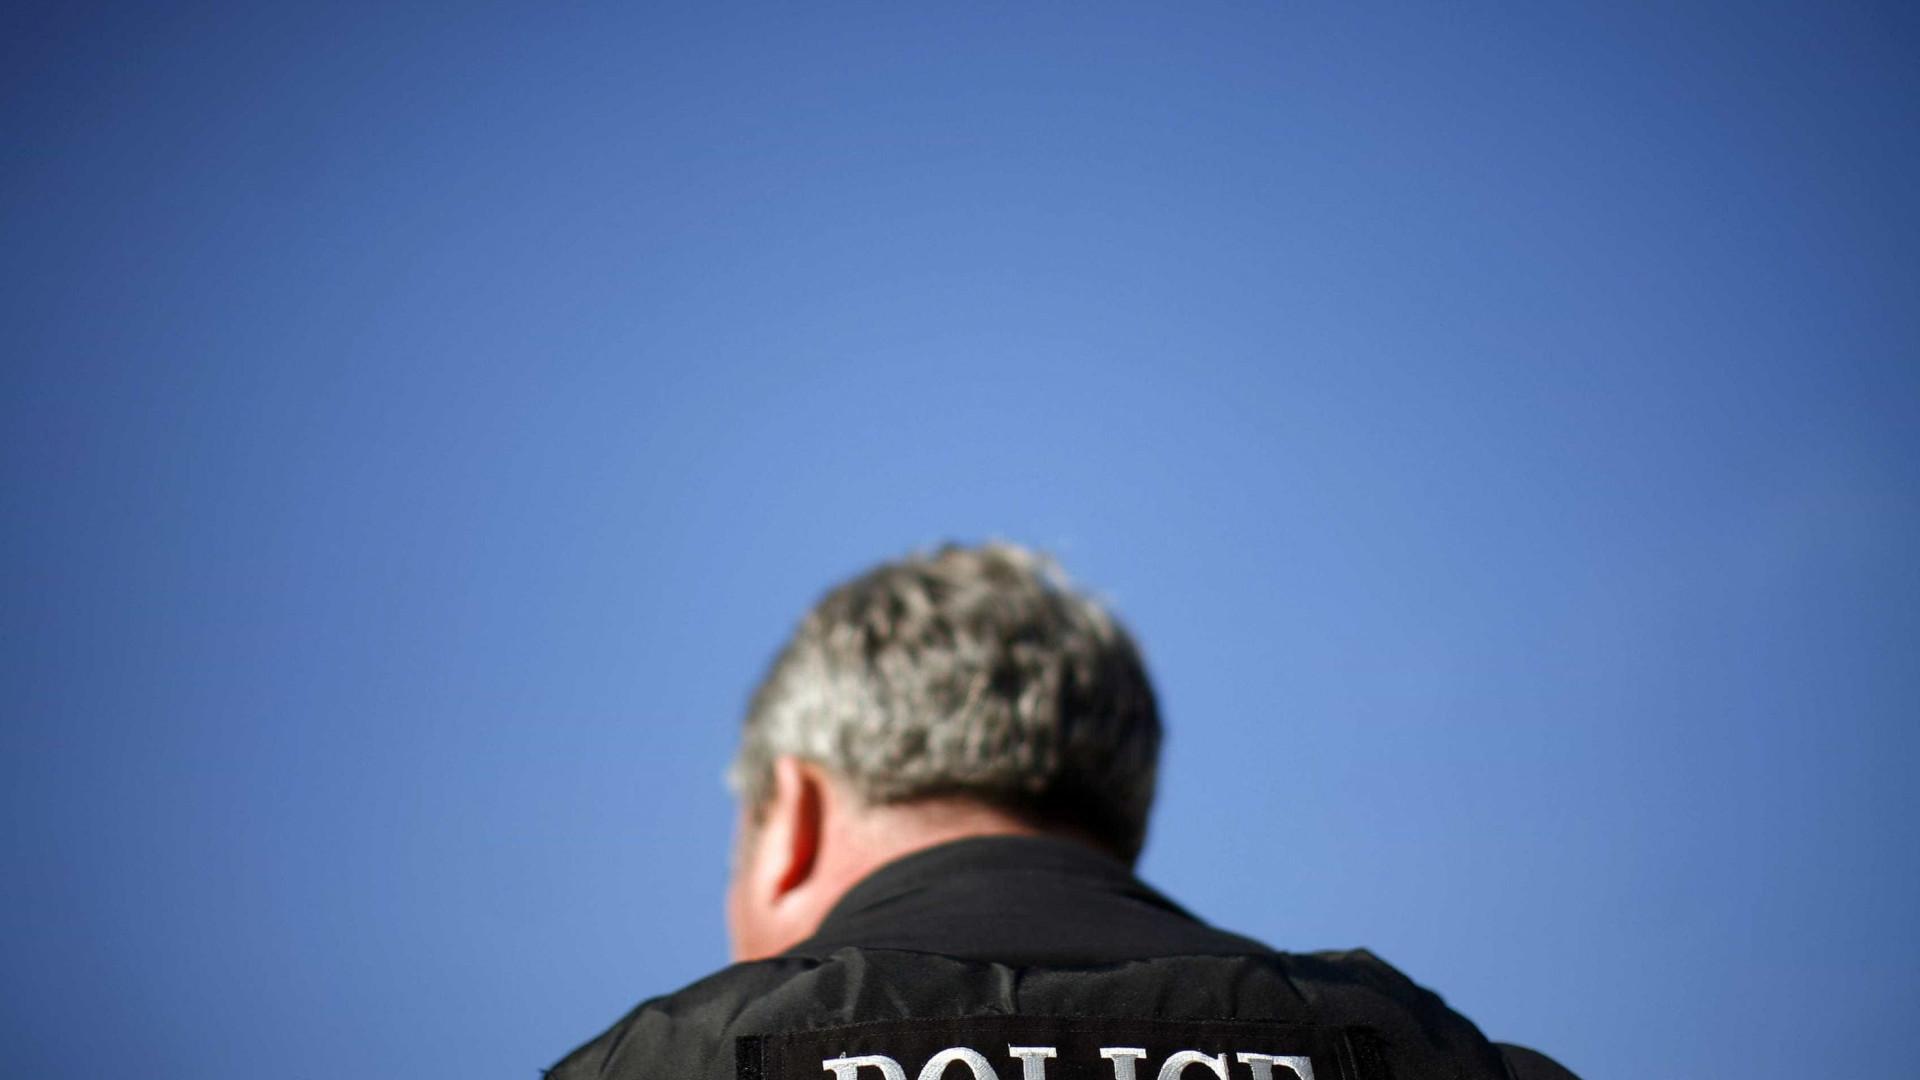 Polícia resolveu situação com reféns nas instalações da UPS em New Jersey